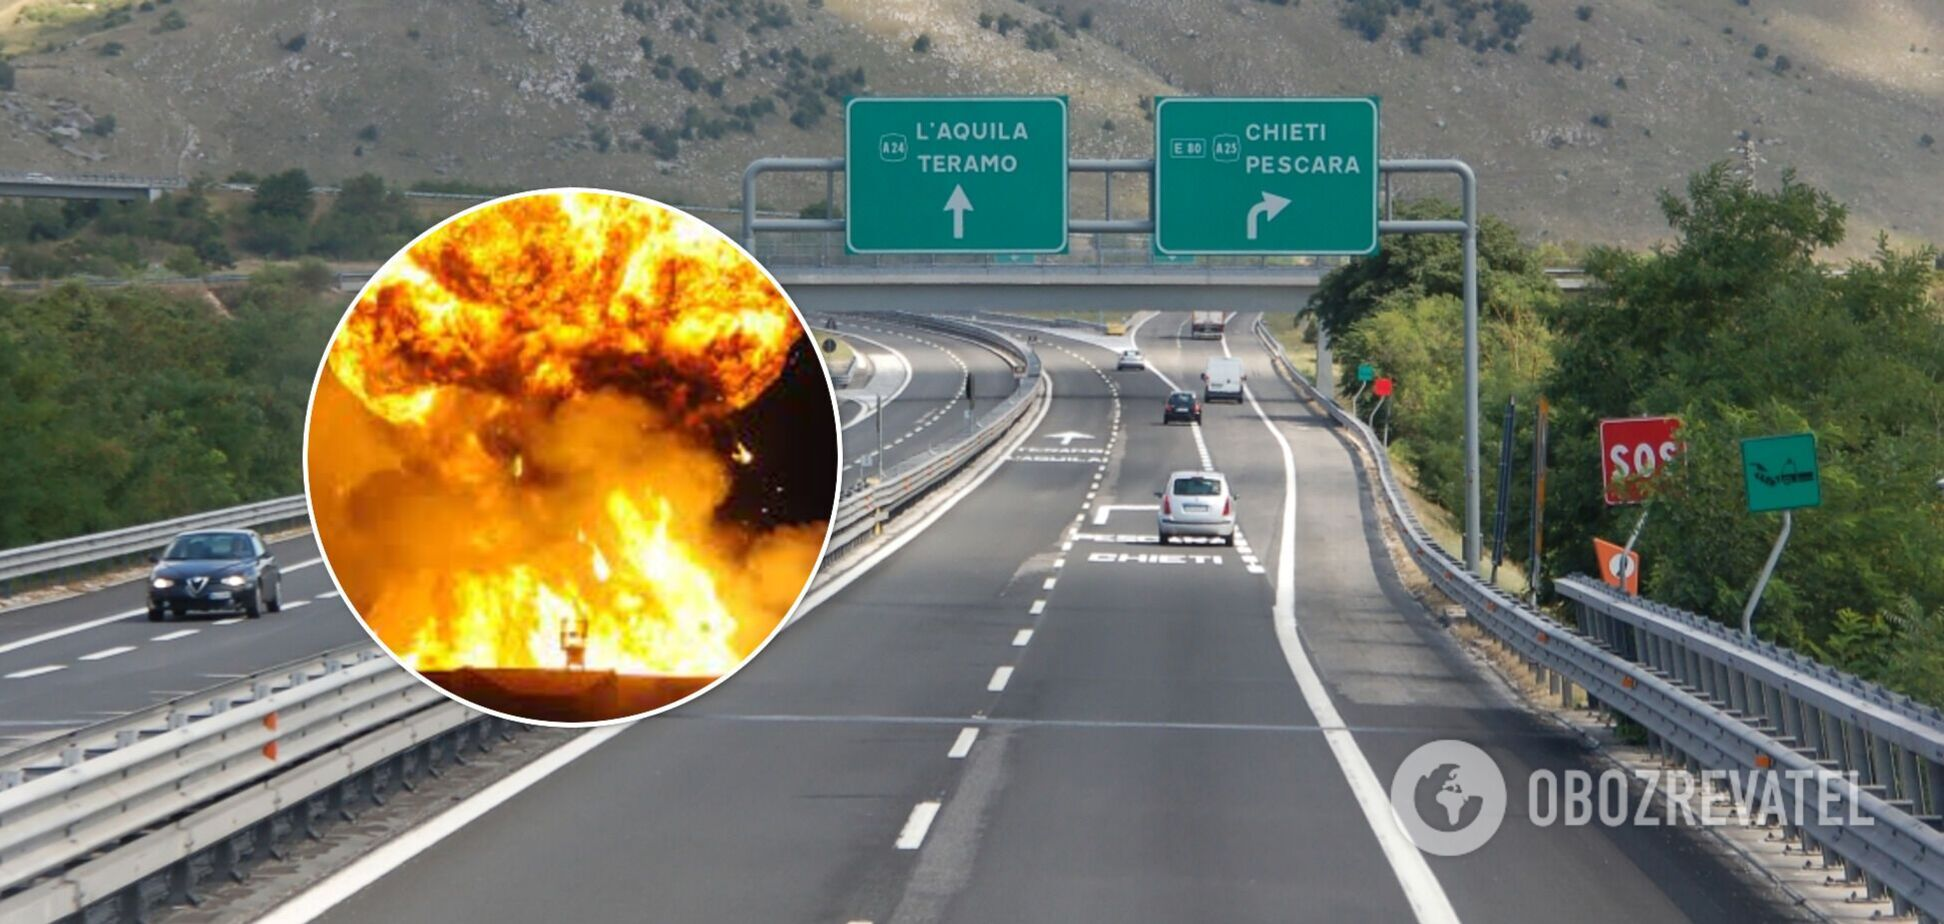 В Италии посреди трассы взорвался бензовоз, два человека погибли. Видео